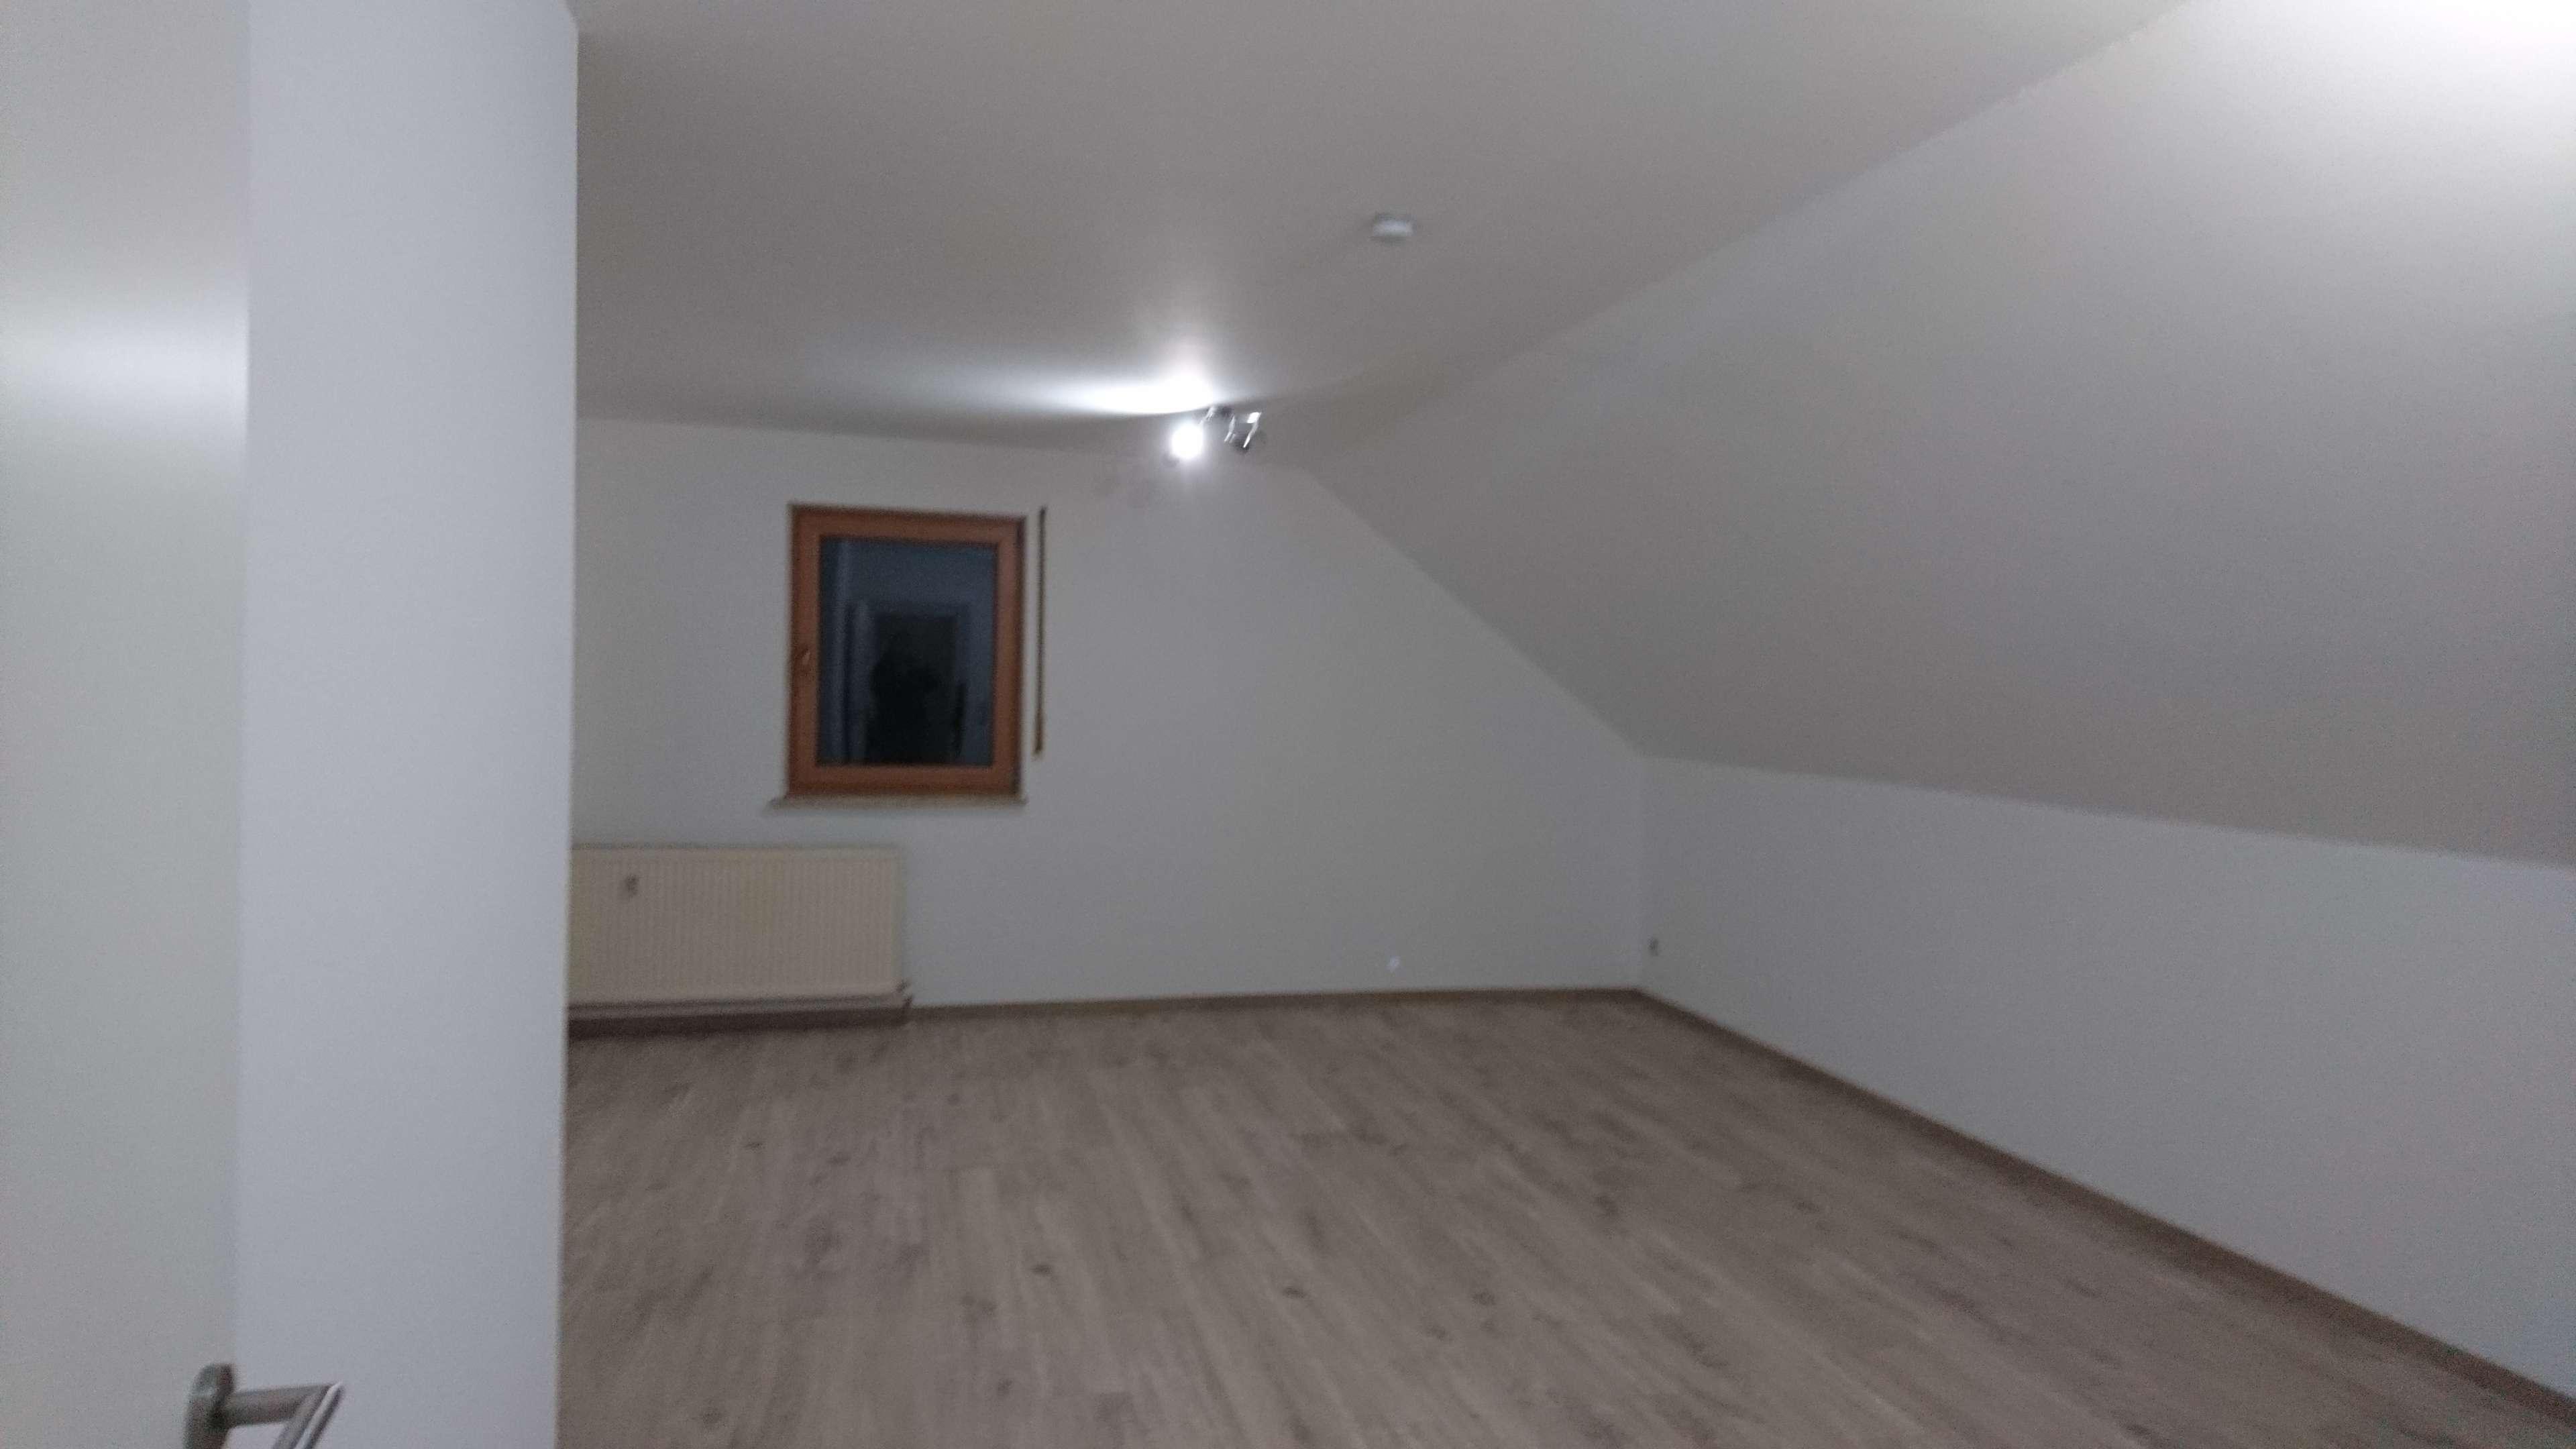 Geräumige, sanierte 3-Zimmer-DG-Wohnung in Neumarkt in der Oberpfalz/Woffenbach in Neumarkt in der Oberpfalz (Neumarkt in der Oberpfalz)